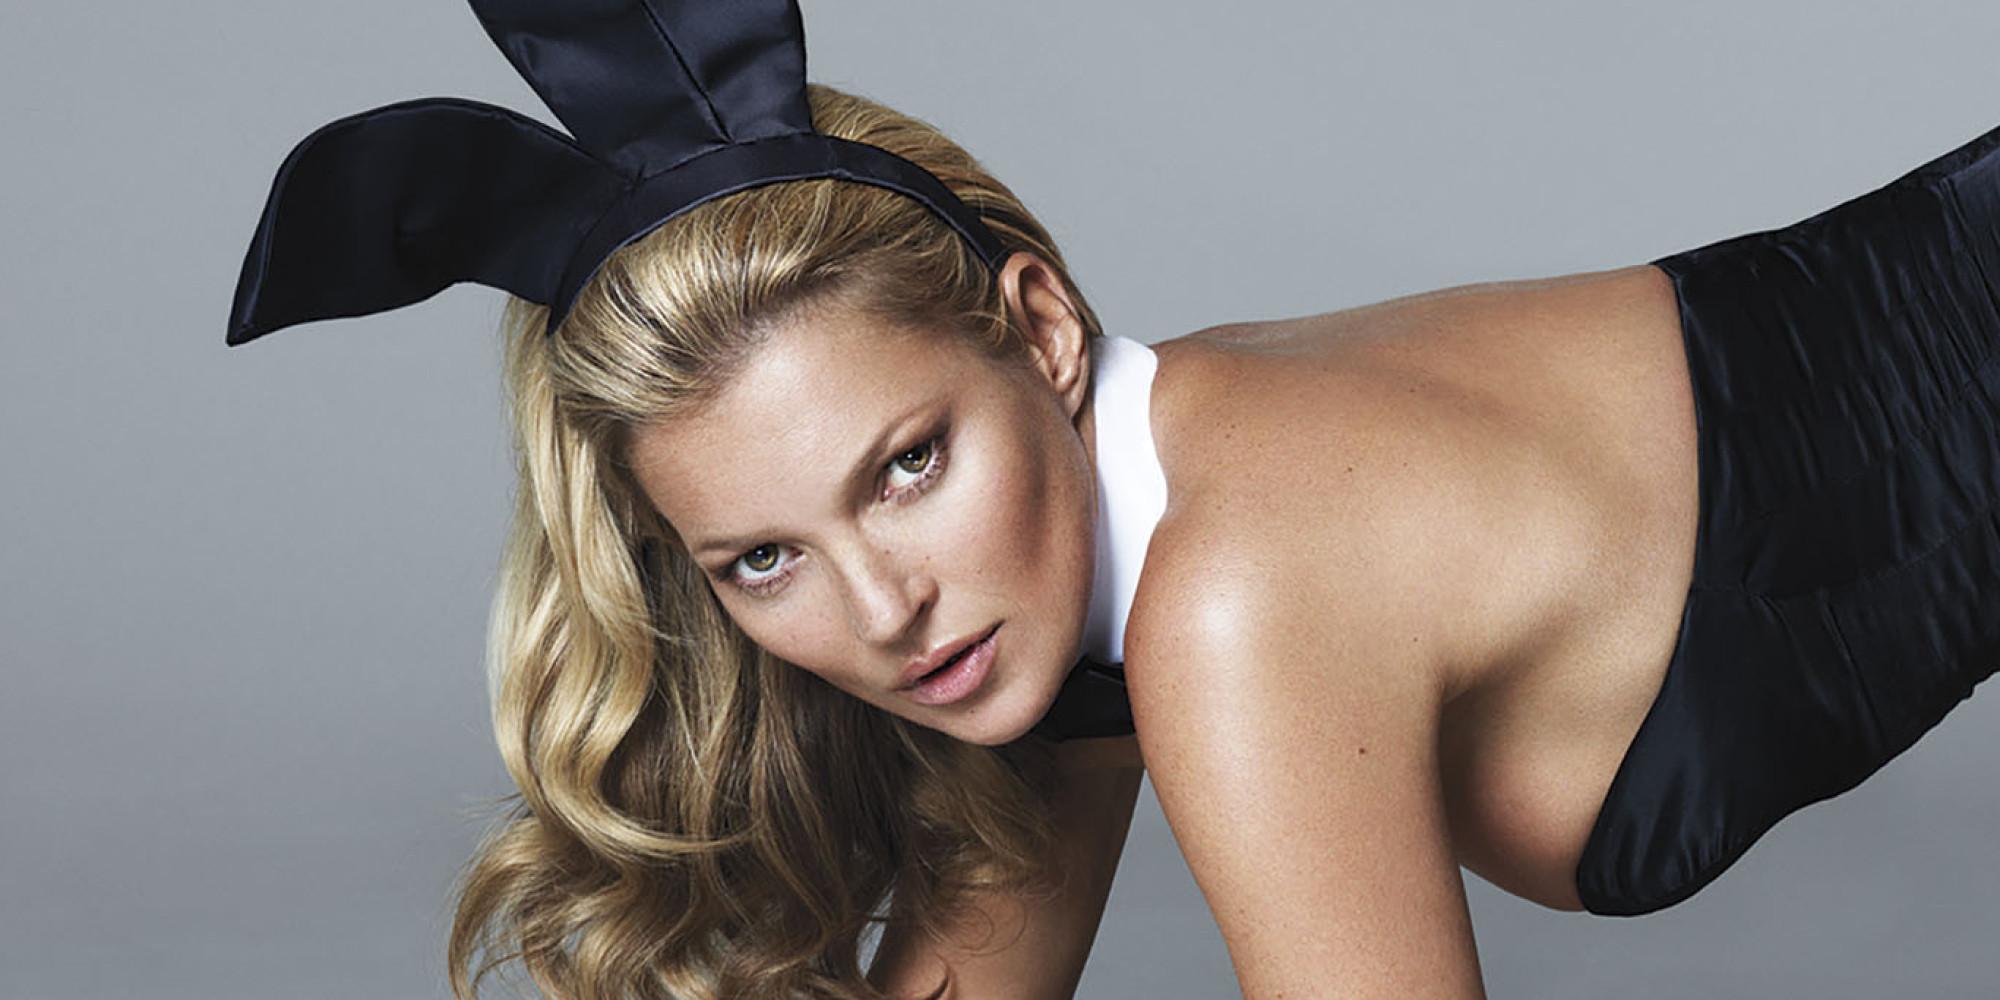 blush da usare per viso magro come Kate Moss